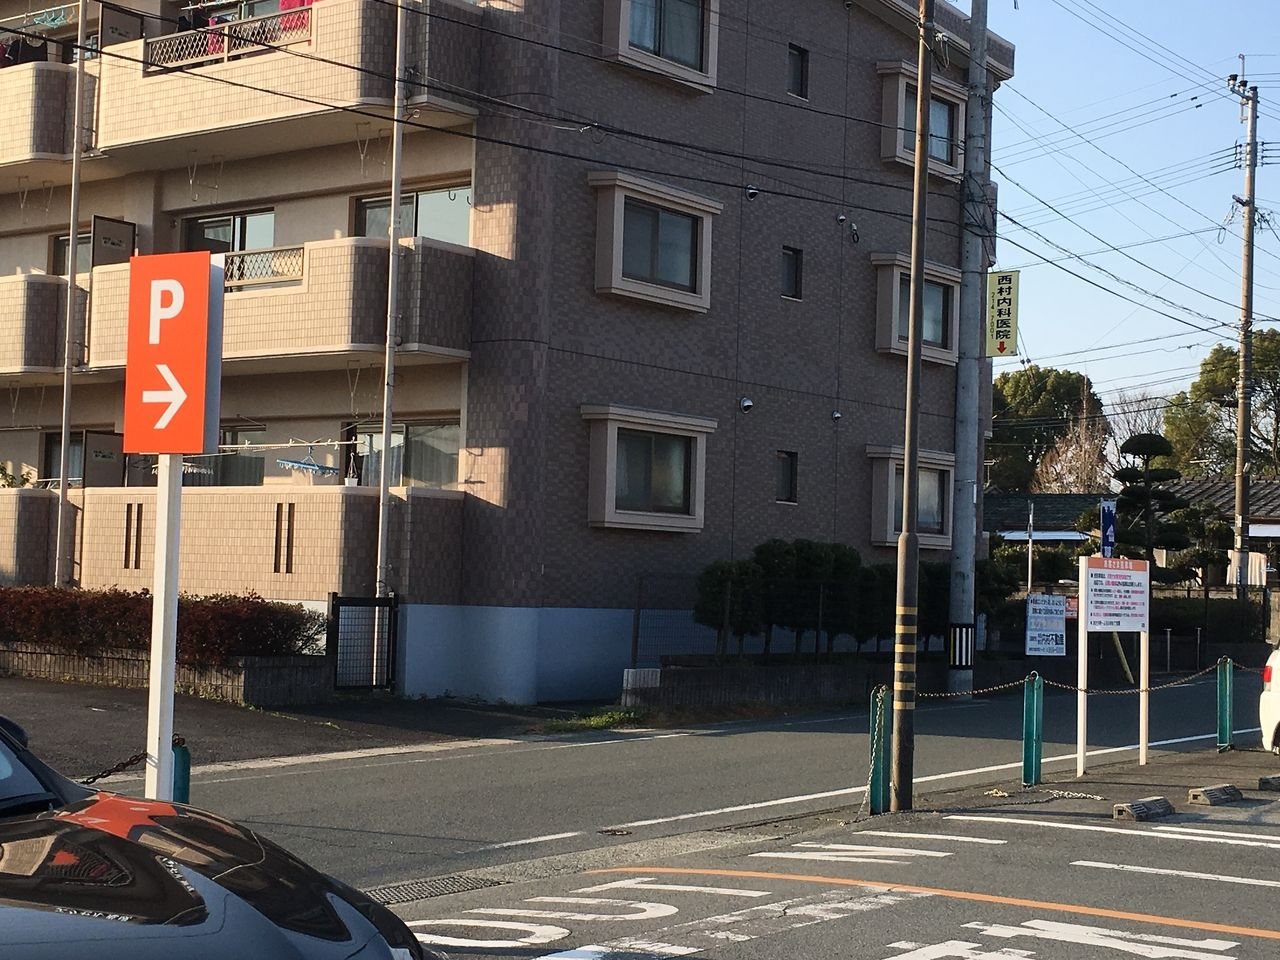 ザ・ビッグ桜木店西南側からの駐車場の出入口